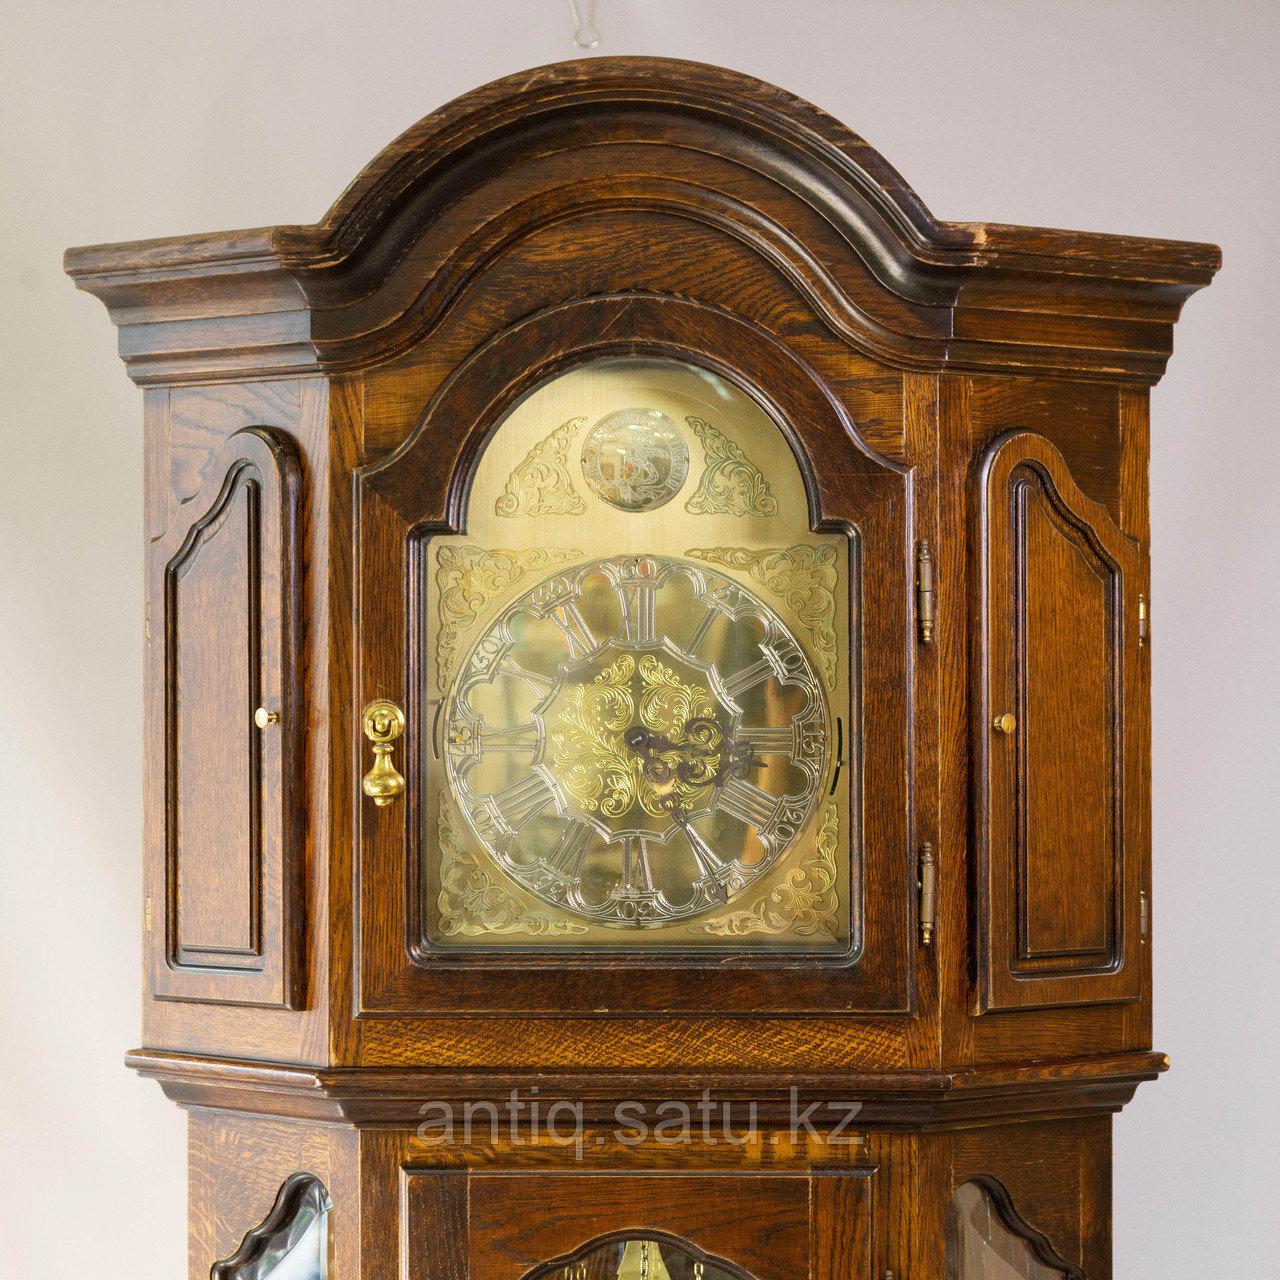 Напольные часы INTERCLOCK. Франция - фото 2